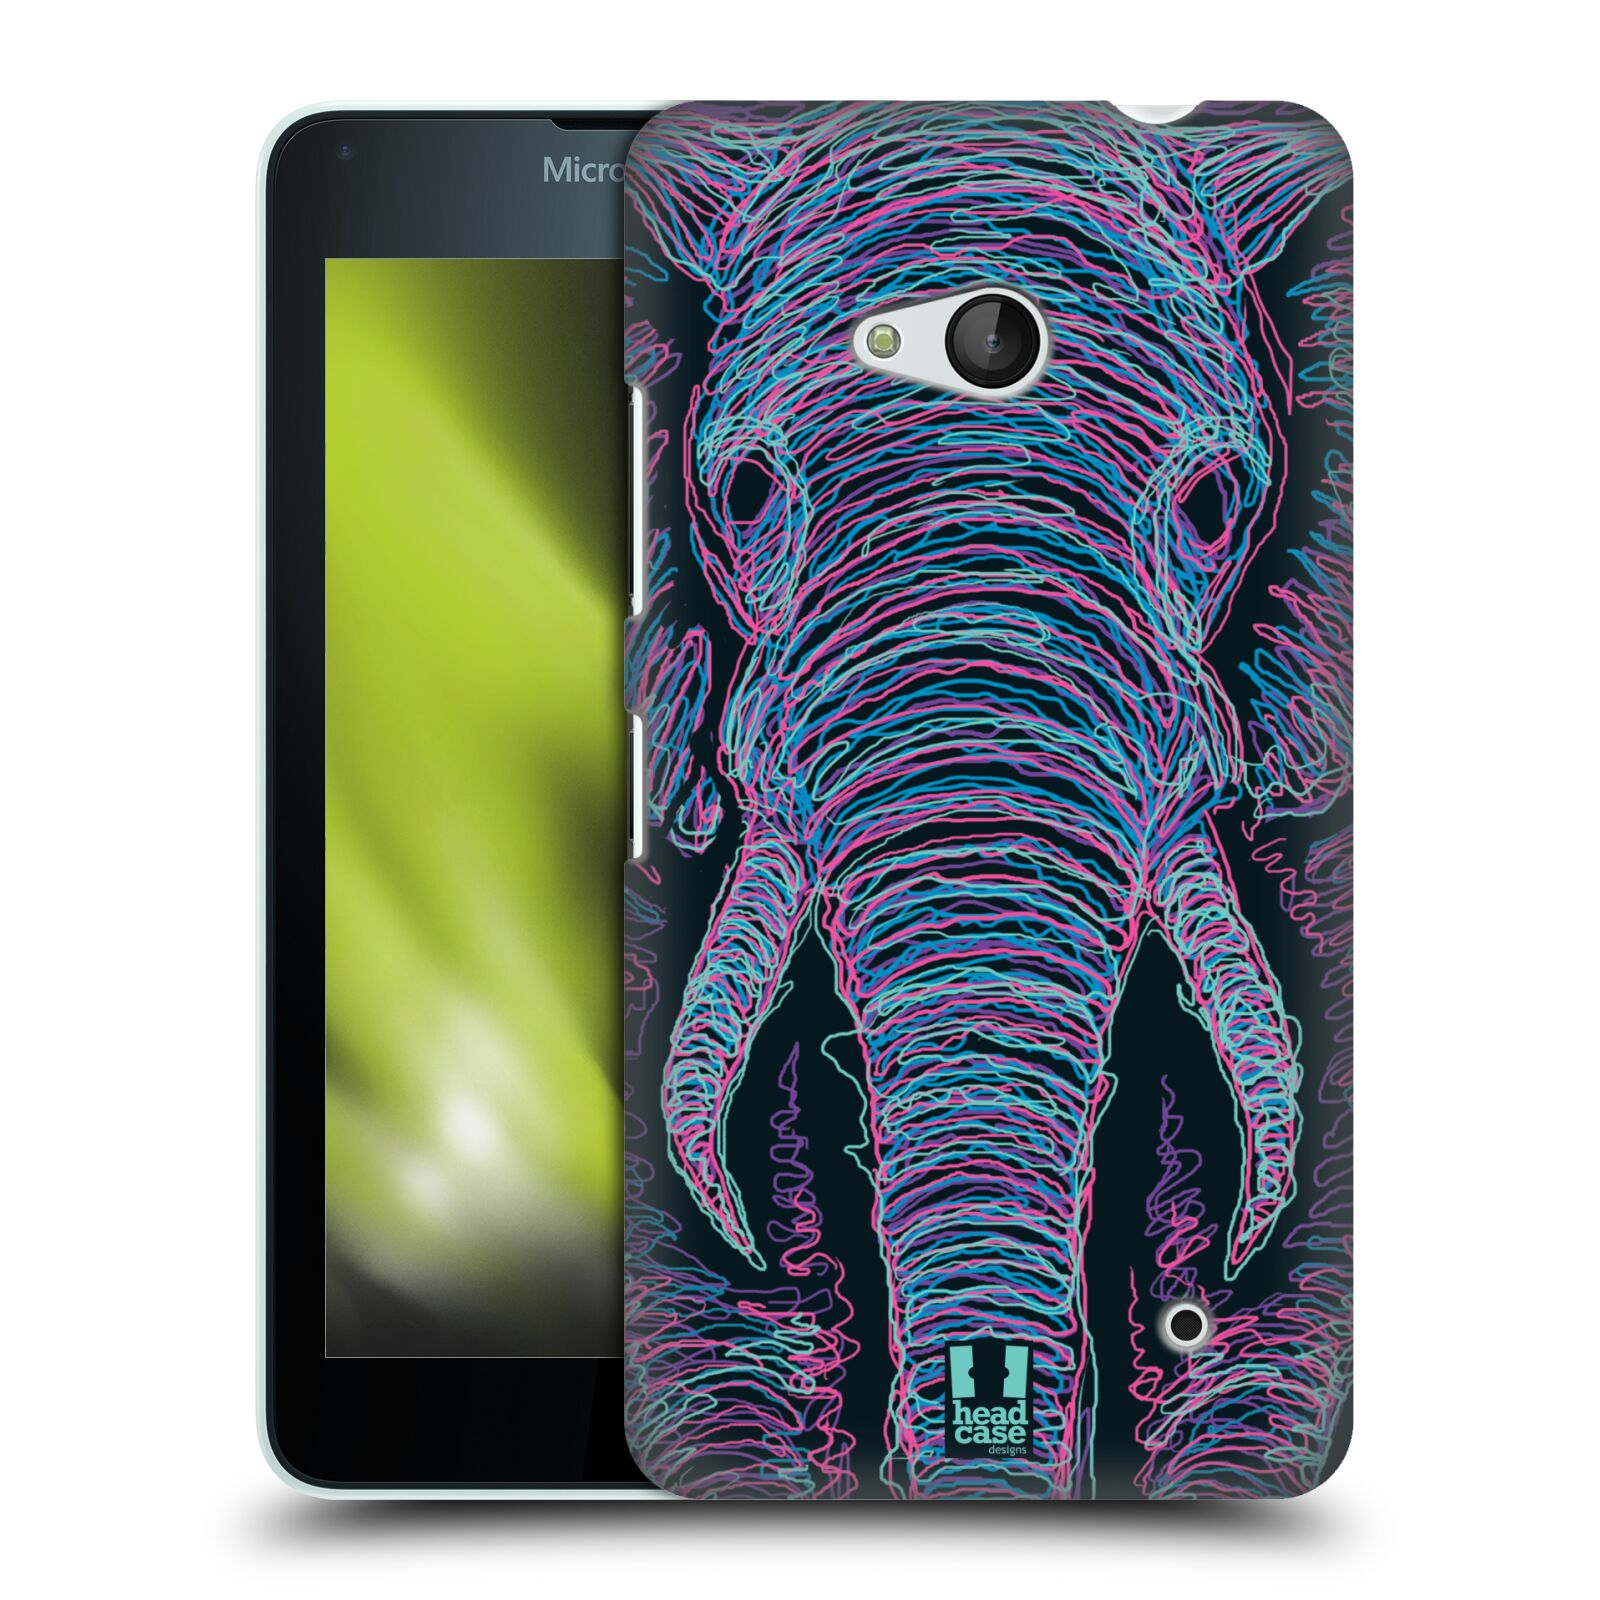 HEAD CASE plastový obal na mobil Nokia Lumia 640 vzor zvíře čmáranice slon